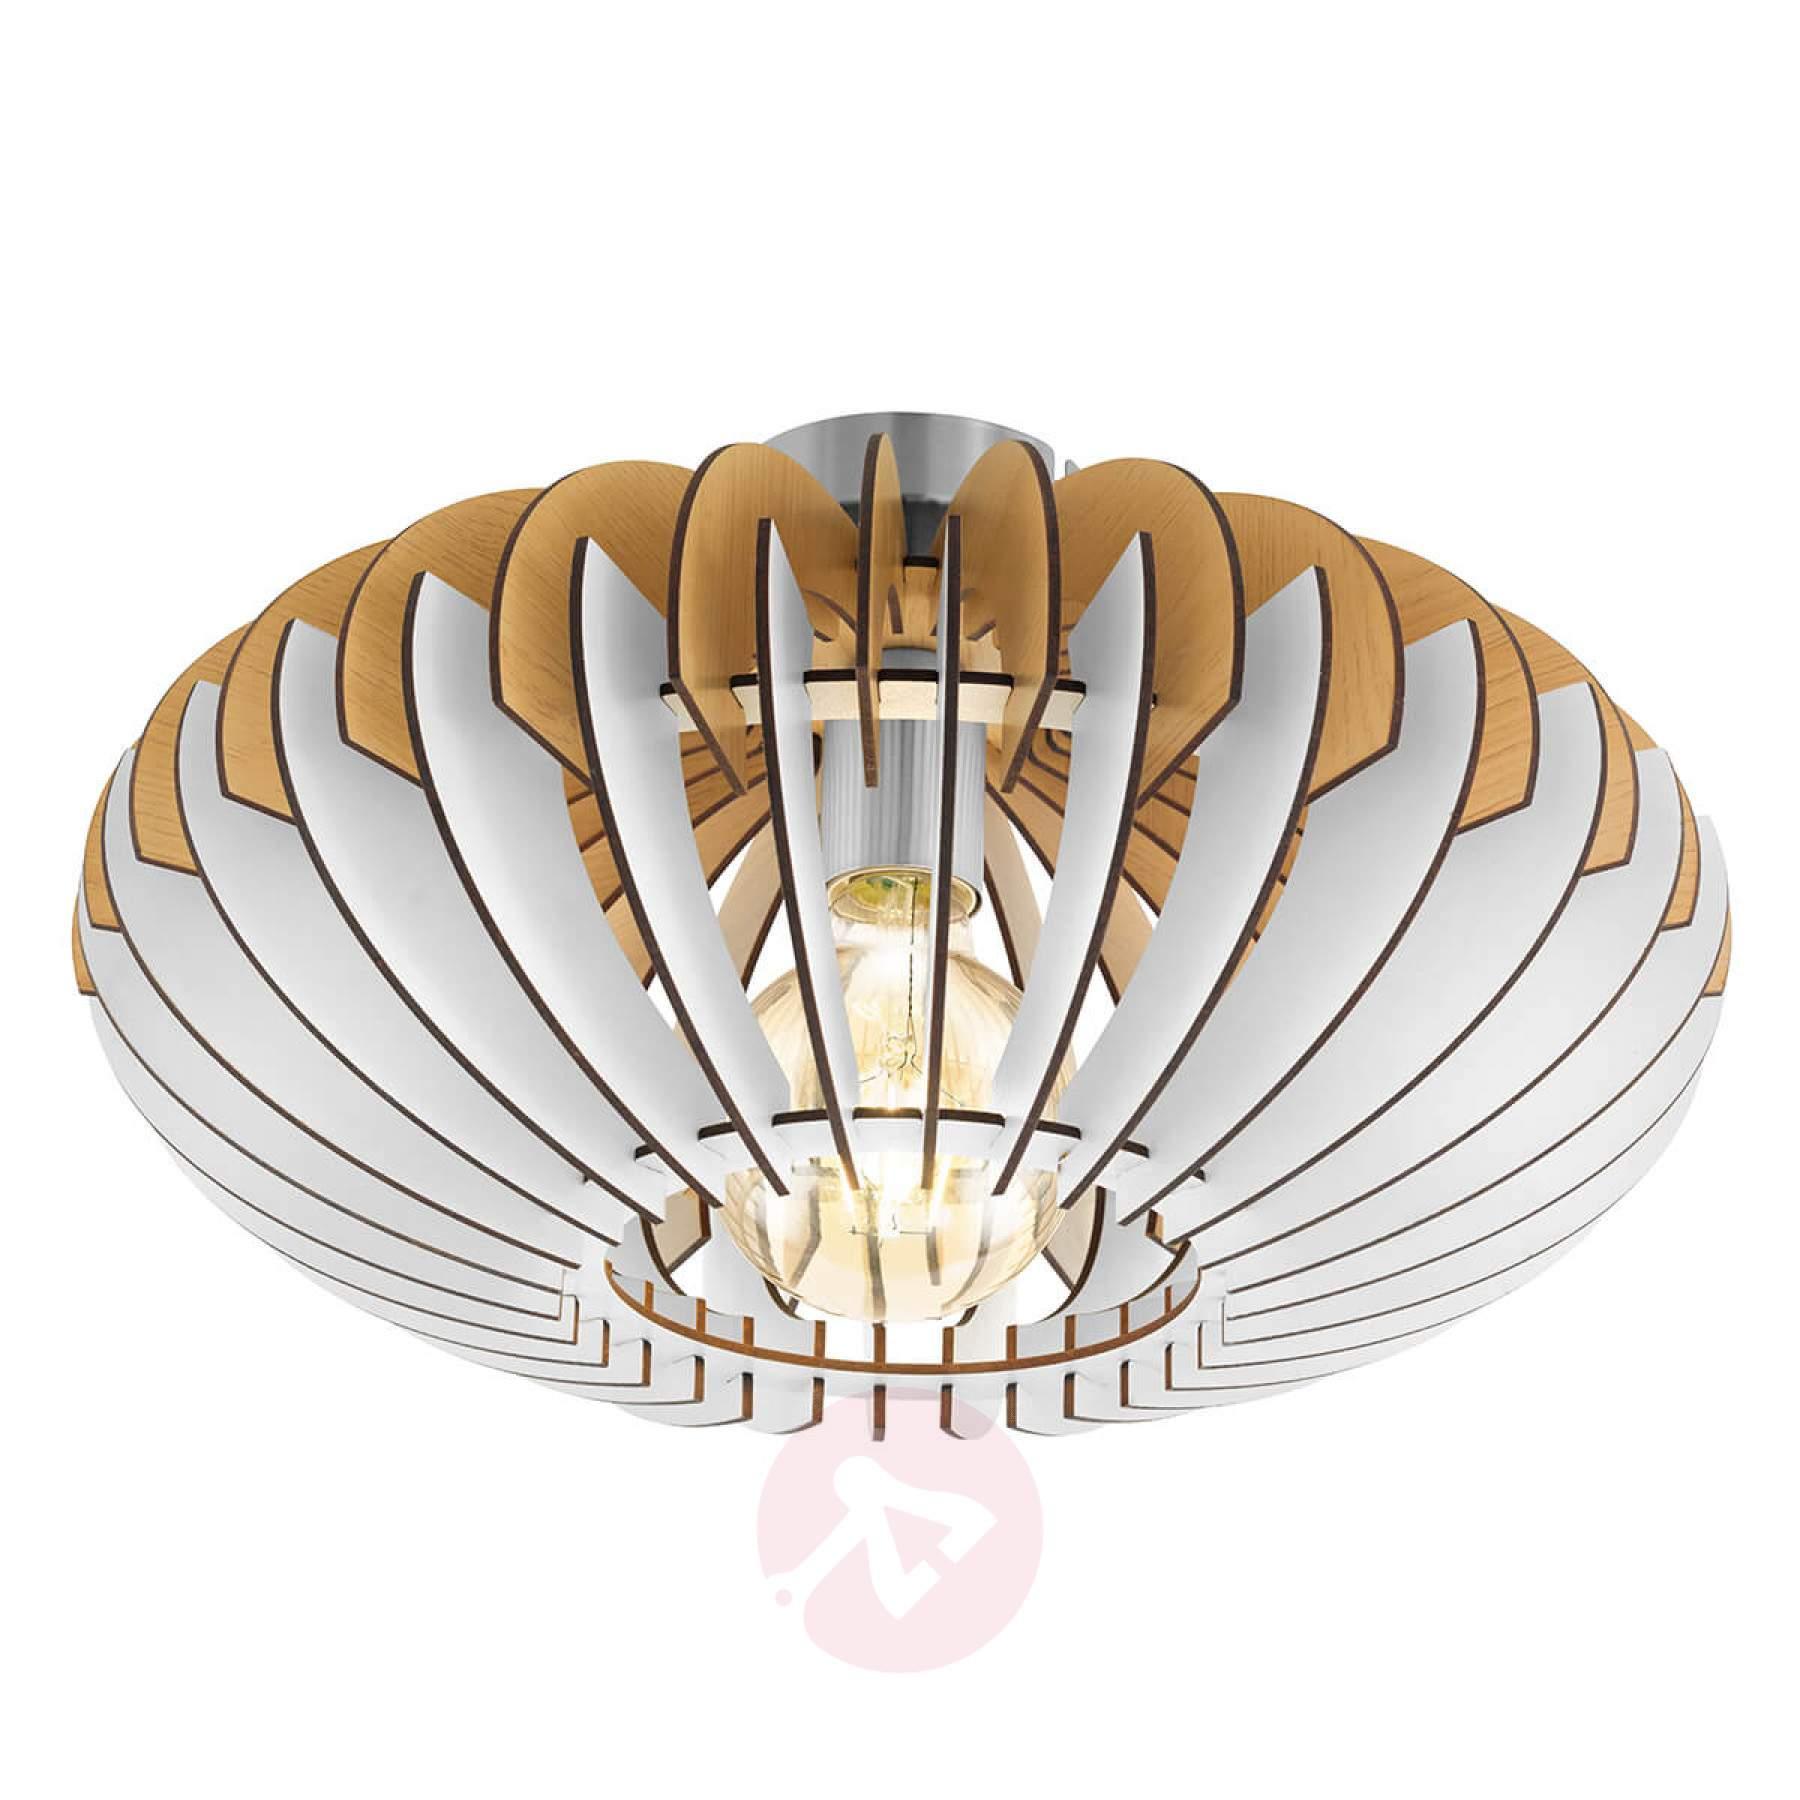 Full Size of Deckenlampe Skandinavisch Sotos Eine Mit Skandinavischem Flair Kaufen Küche Deckenlampen Wohnzimmer Modern Schlafzimmer Esstisch Für Bett Bad Wohnzimmer Deckenlampe Skandinavisch